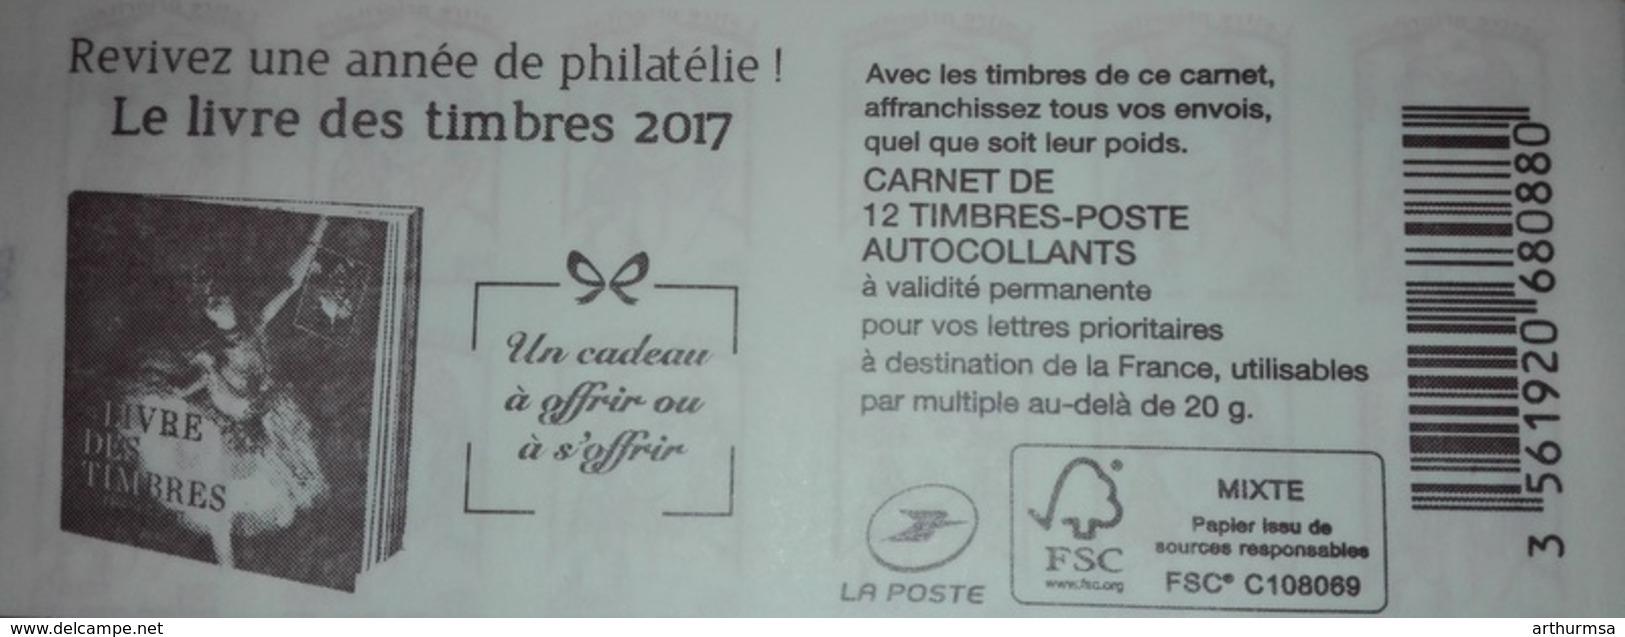 CARNET MARIANNE CIAPPA SANS 20 GRAMMES AVEC NUMERO LE LIVRE DES TIMBRES 2017 - Booklets